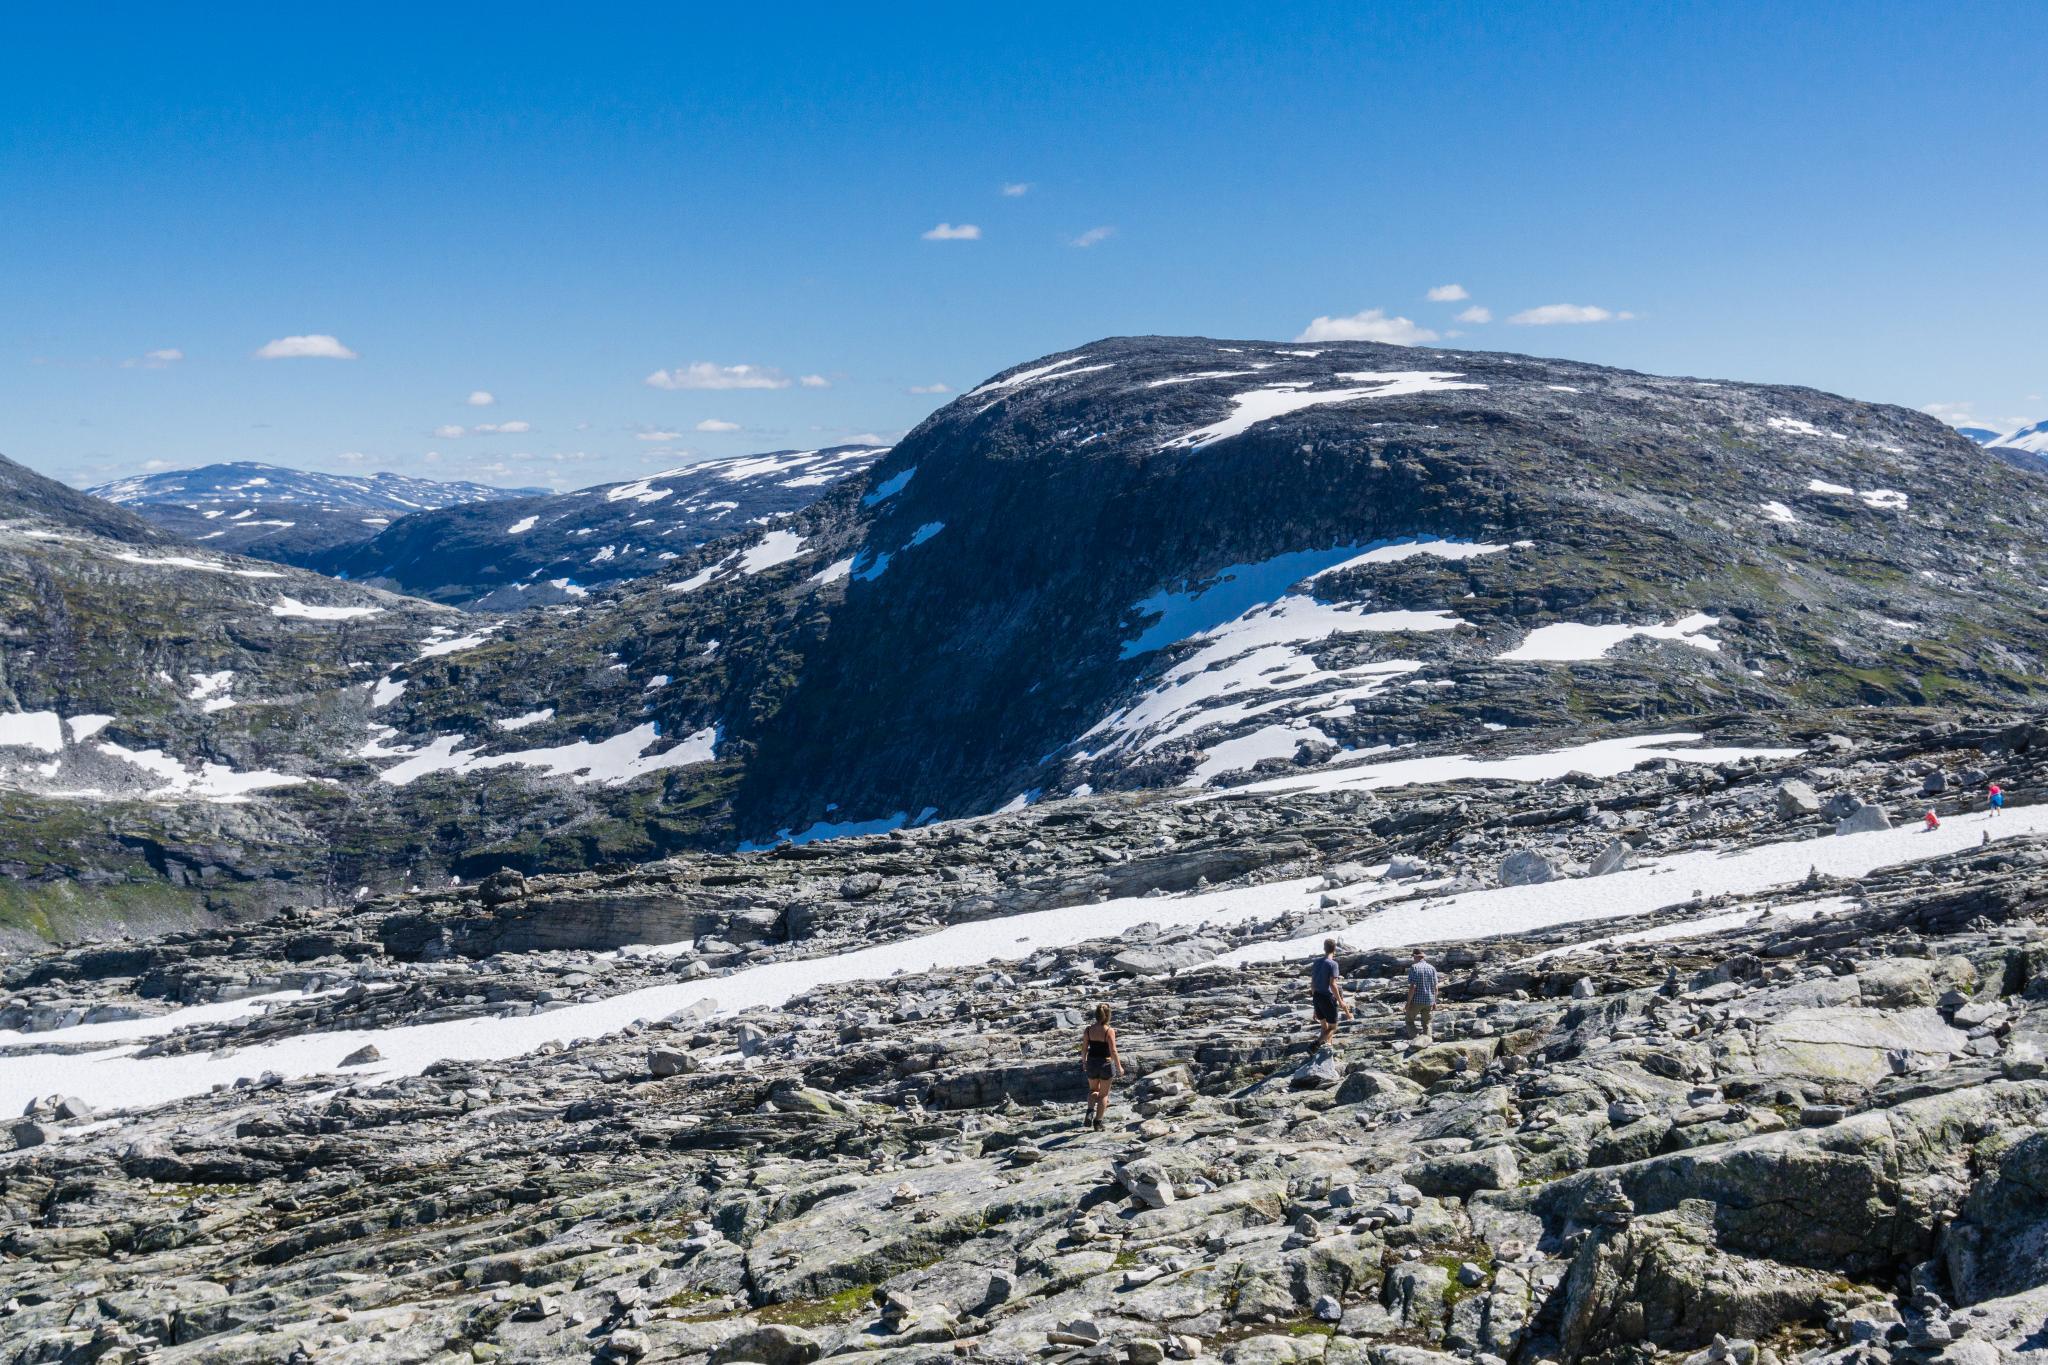 【北歐景點】歐洲最震撼的峽灣觀景台 — Dalsnibba Mountain Plateau 14